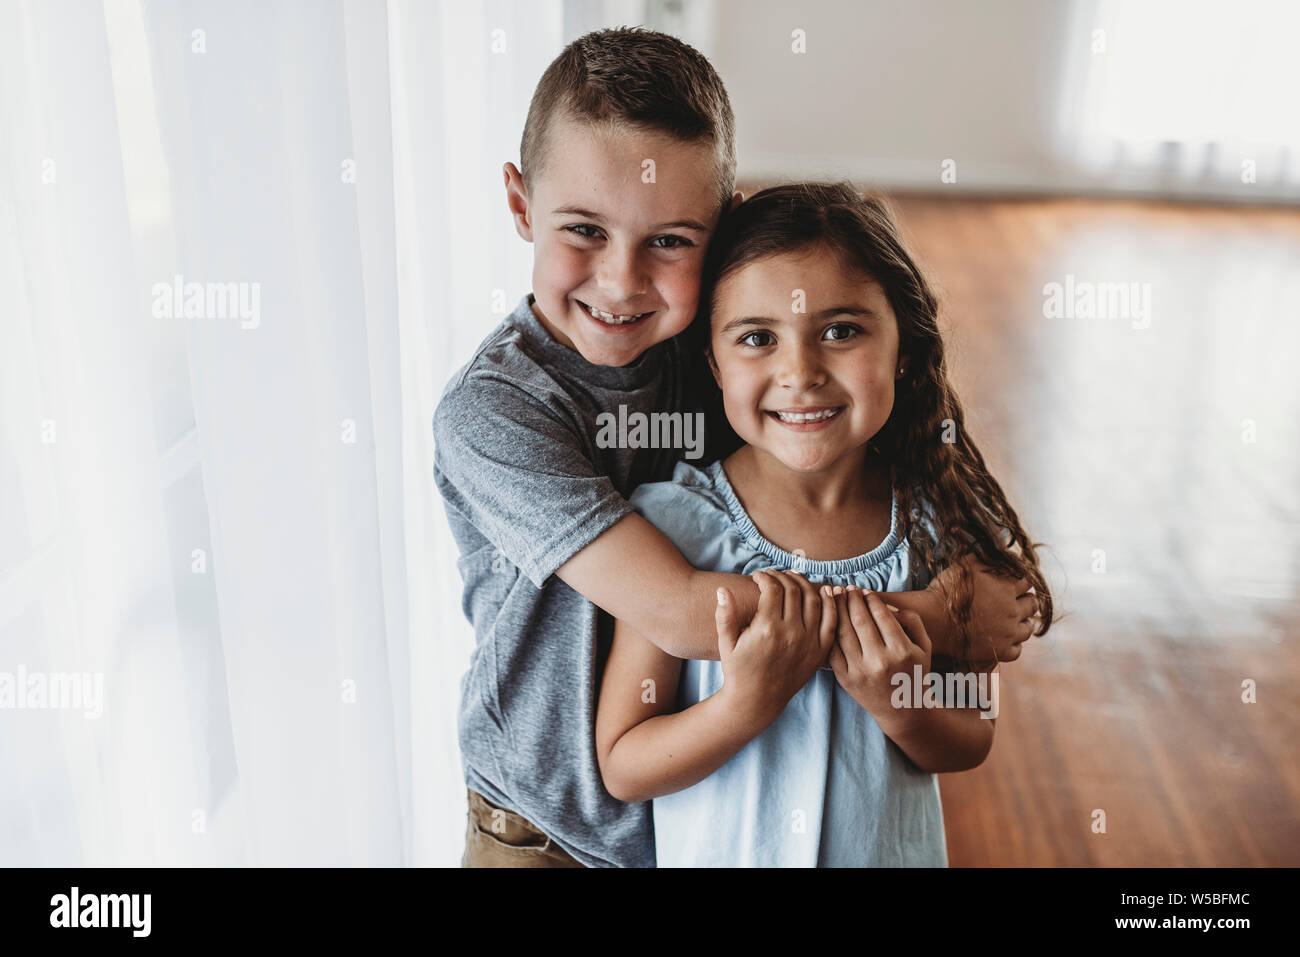 Frère et sœur, joignant en lumière naturelle studio Banque D'Images